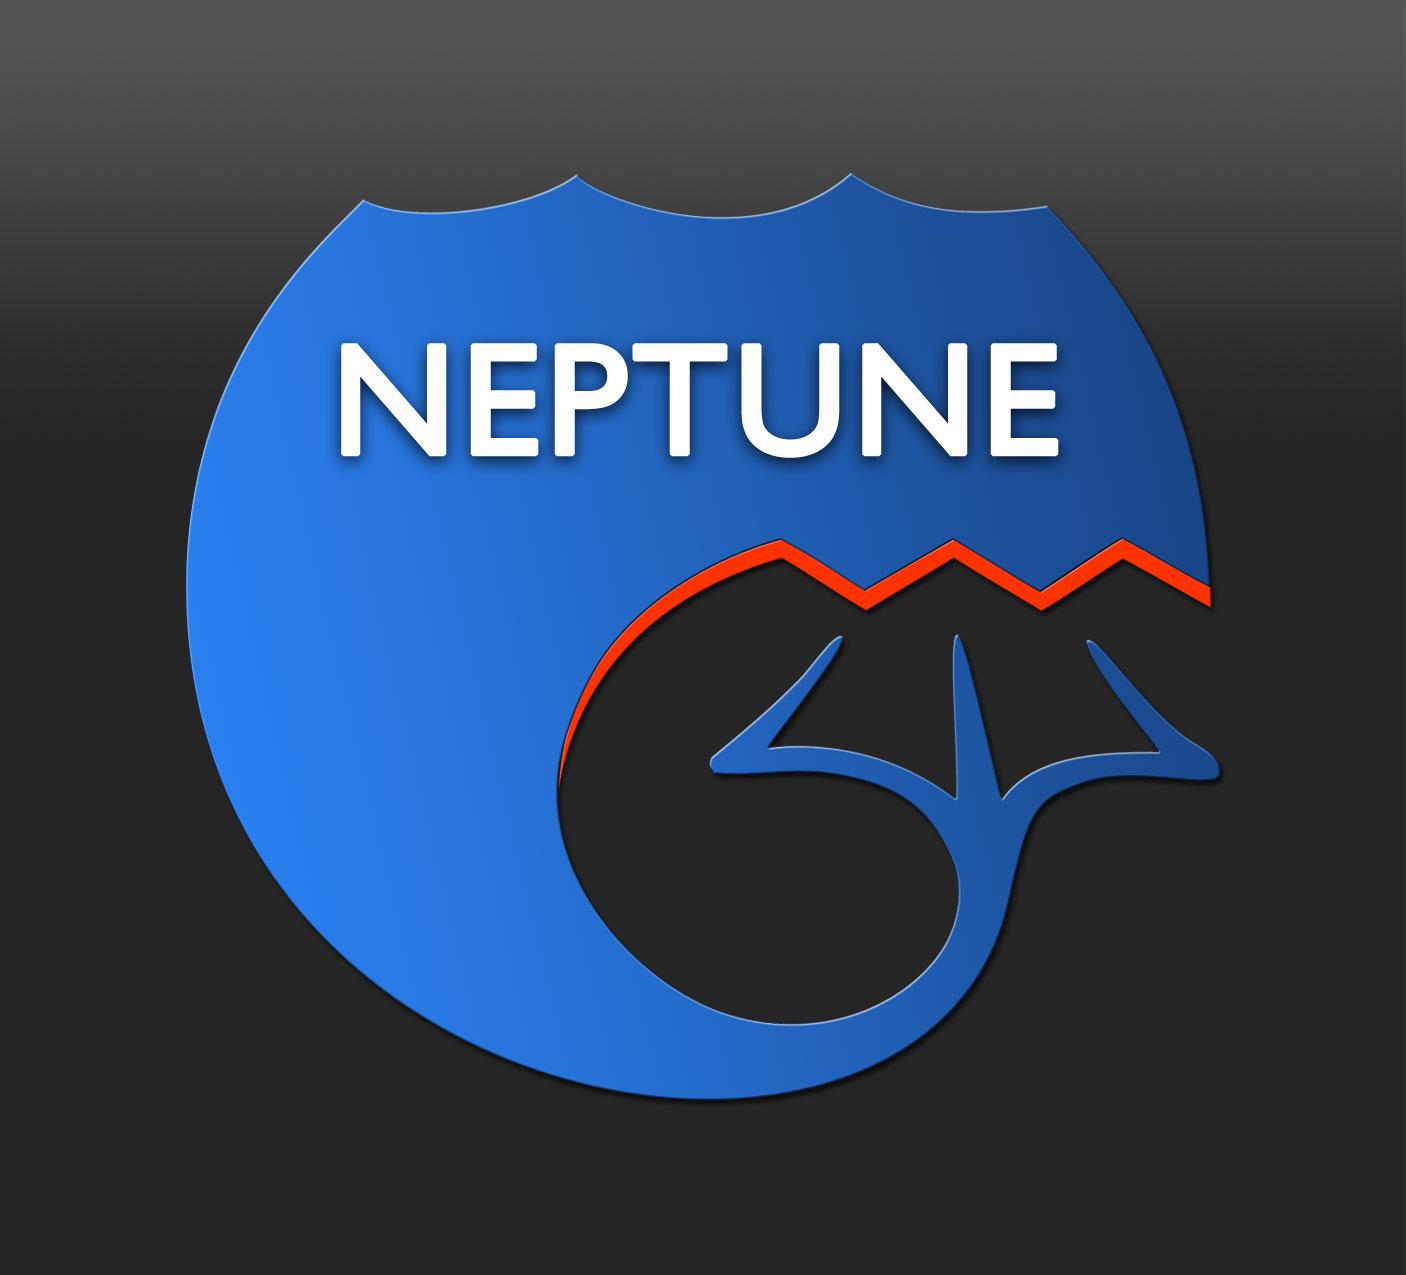 TFN neptune logo preacher by TFN-REAPER on DeviantArt